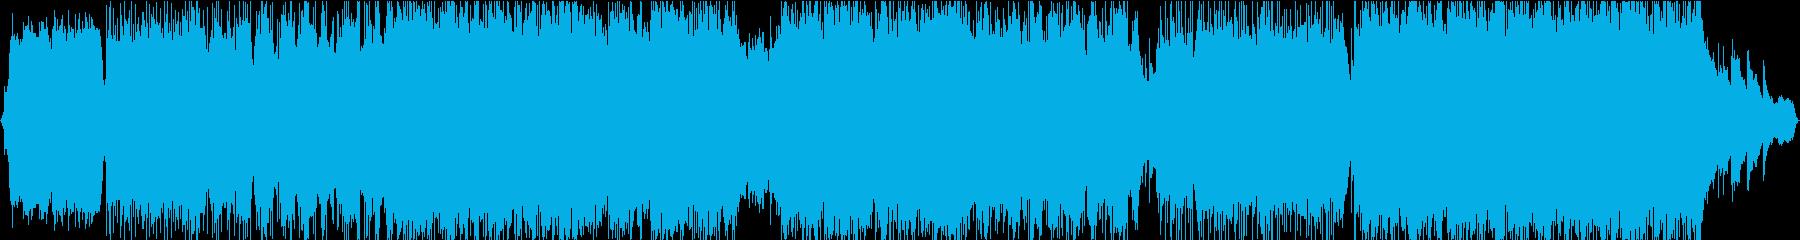 バイオリンメロディー優しいBGMの再生済みの波形